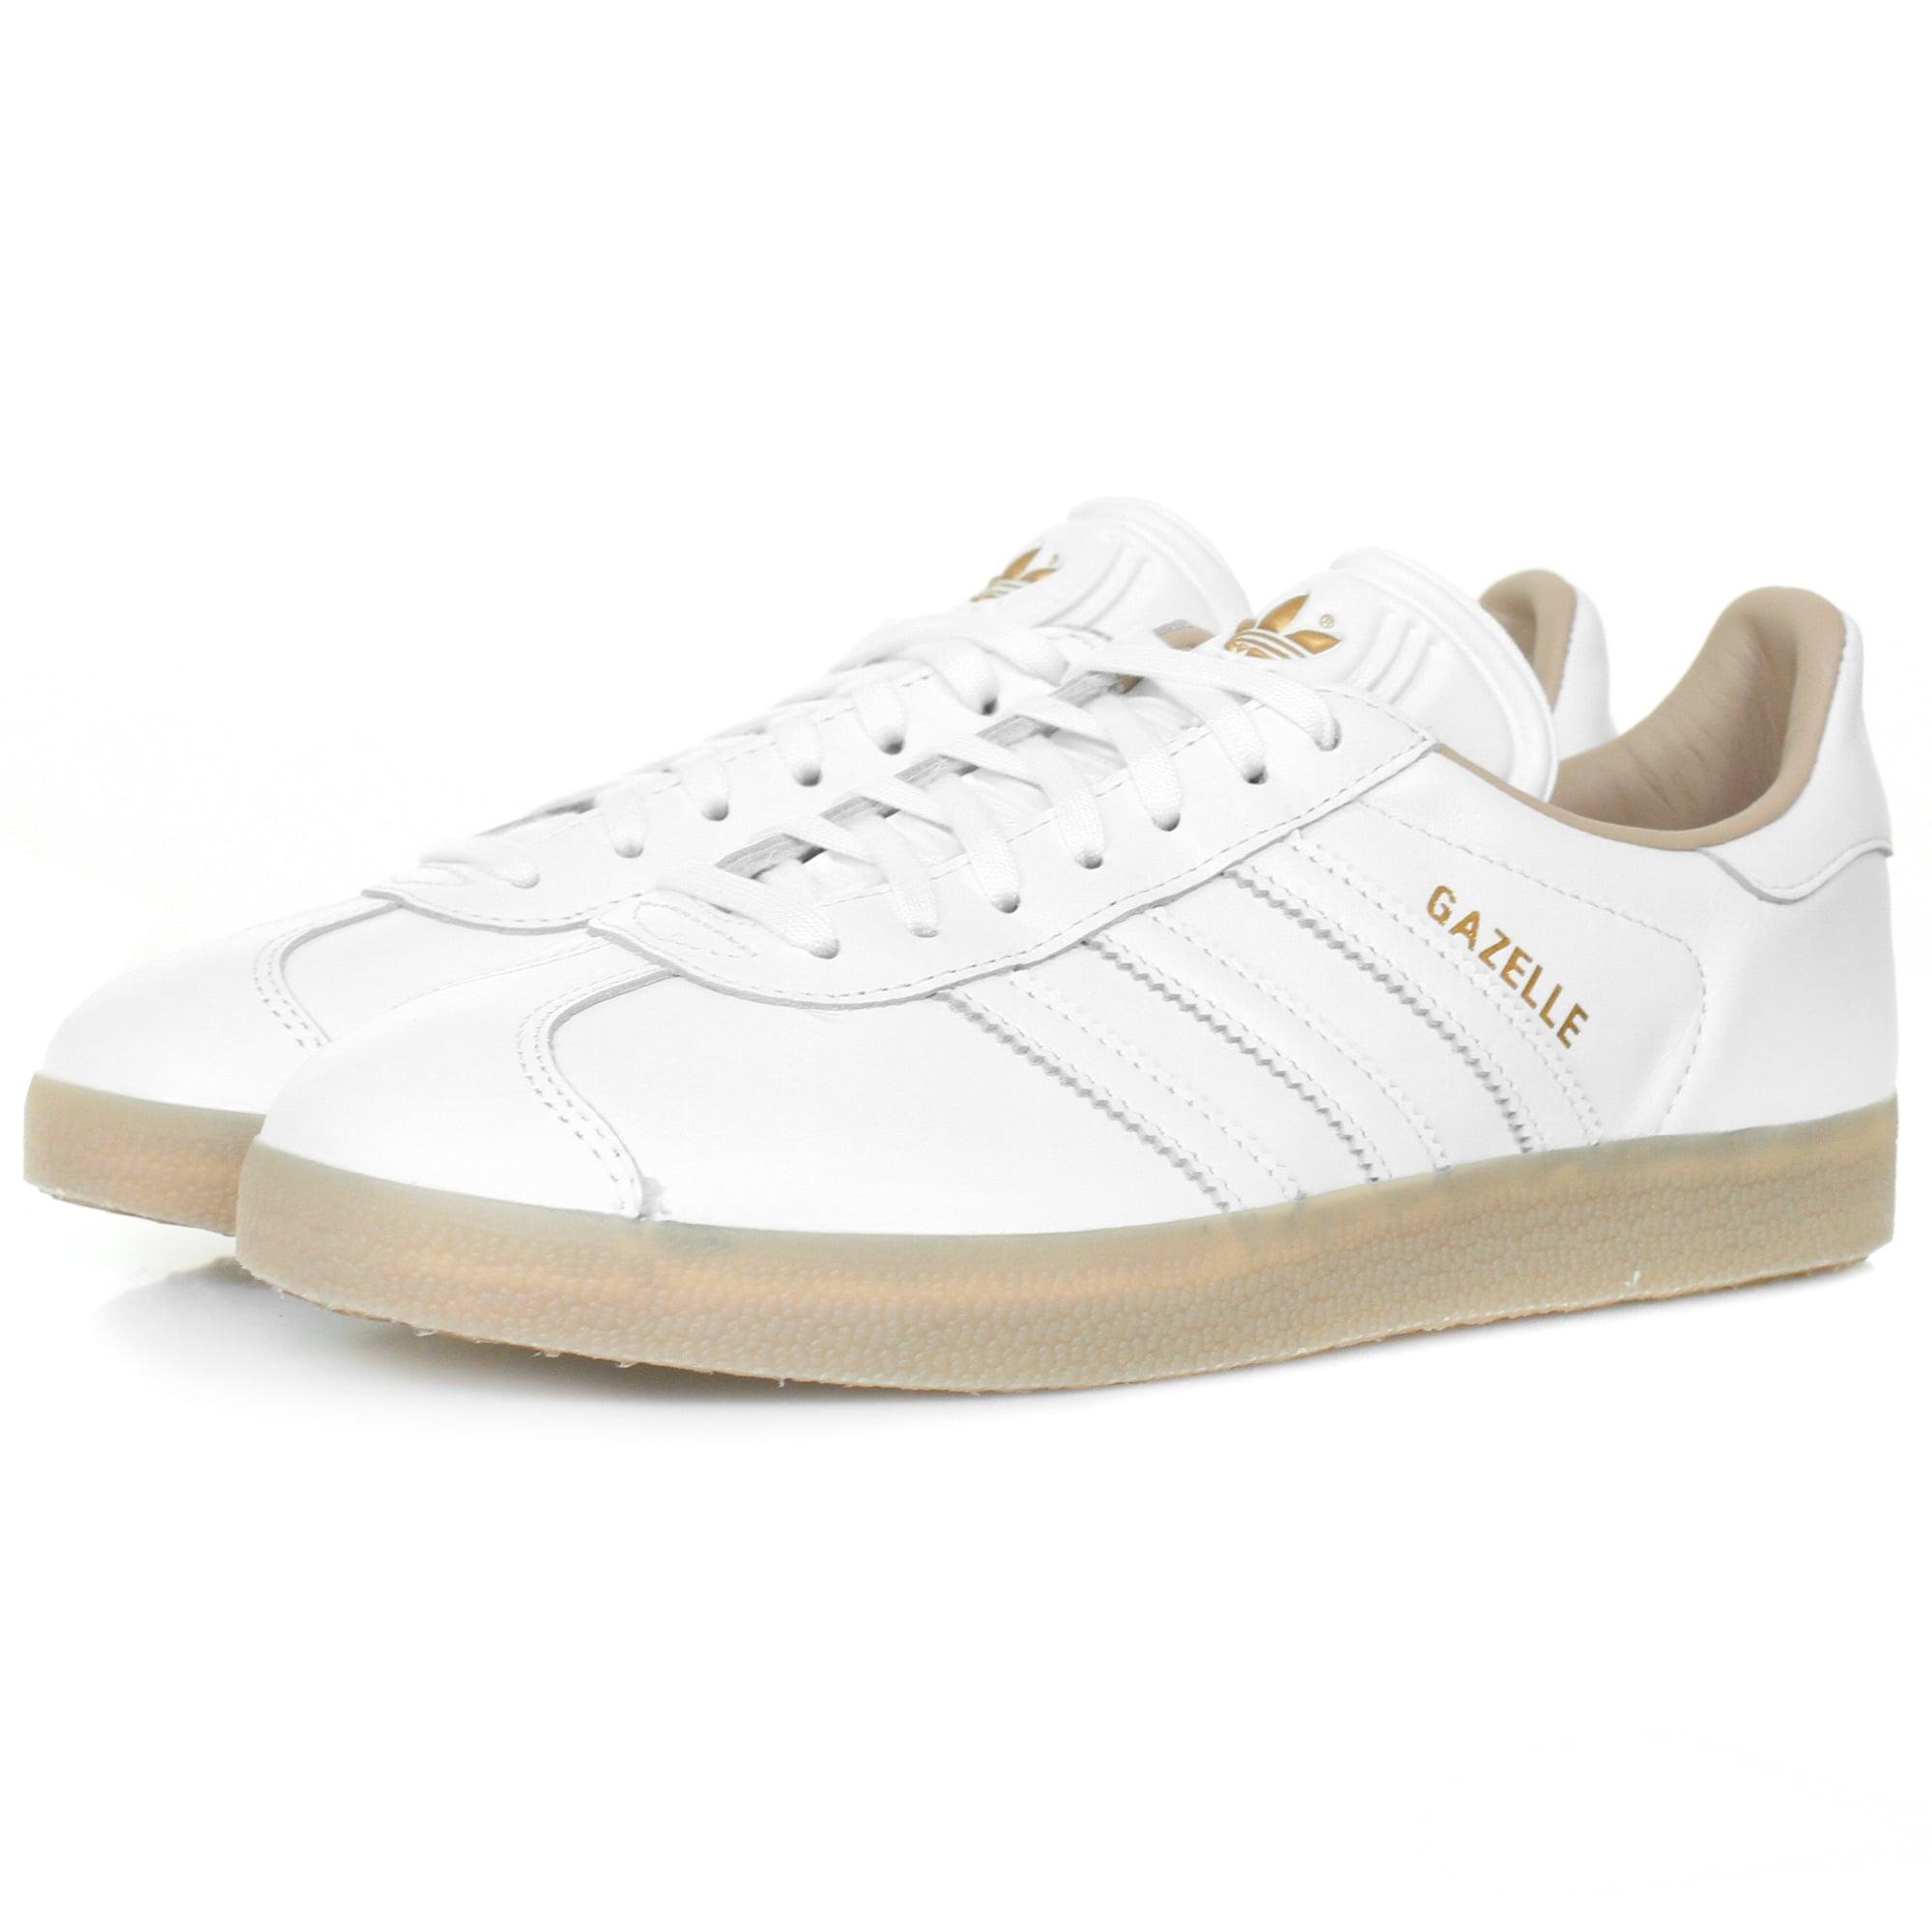 adidas gazelle sneakers white leather shoe